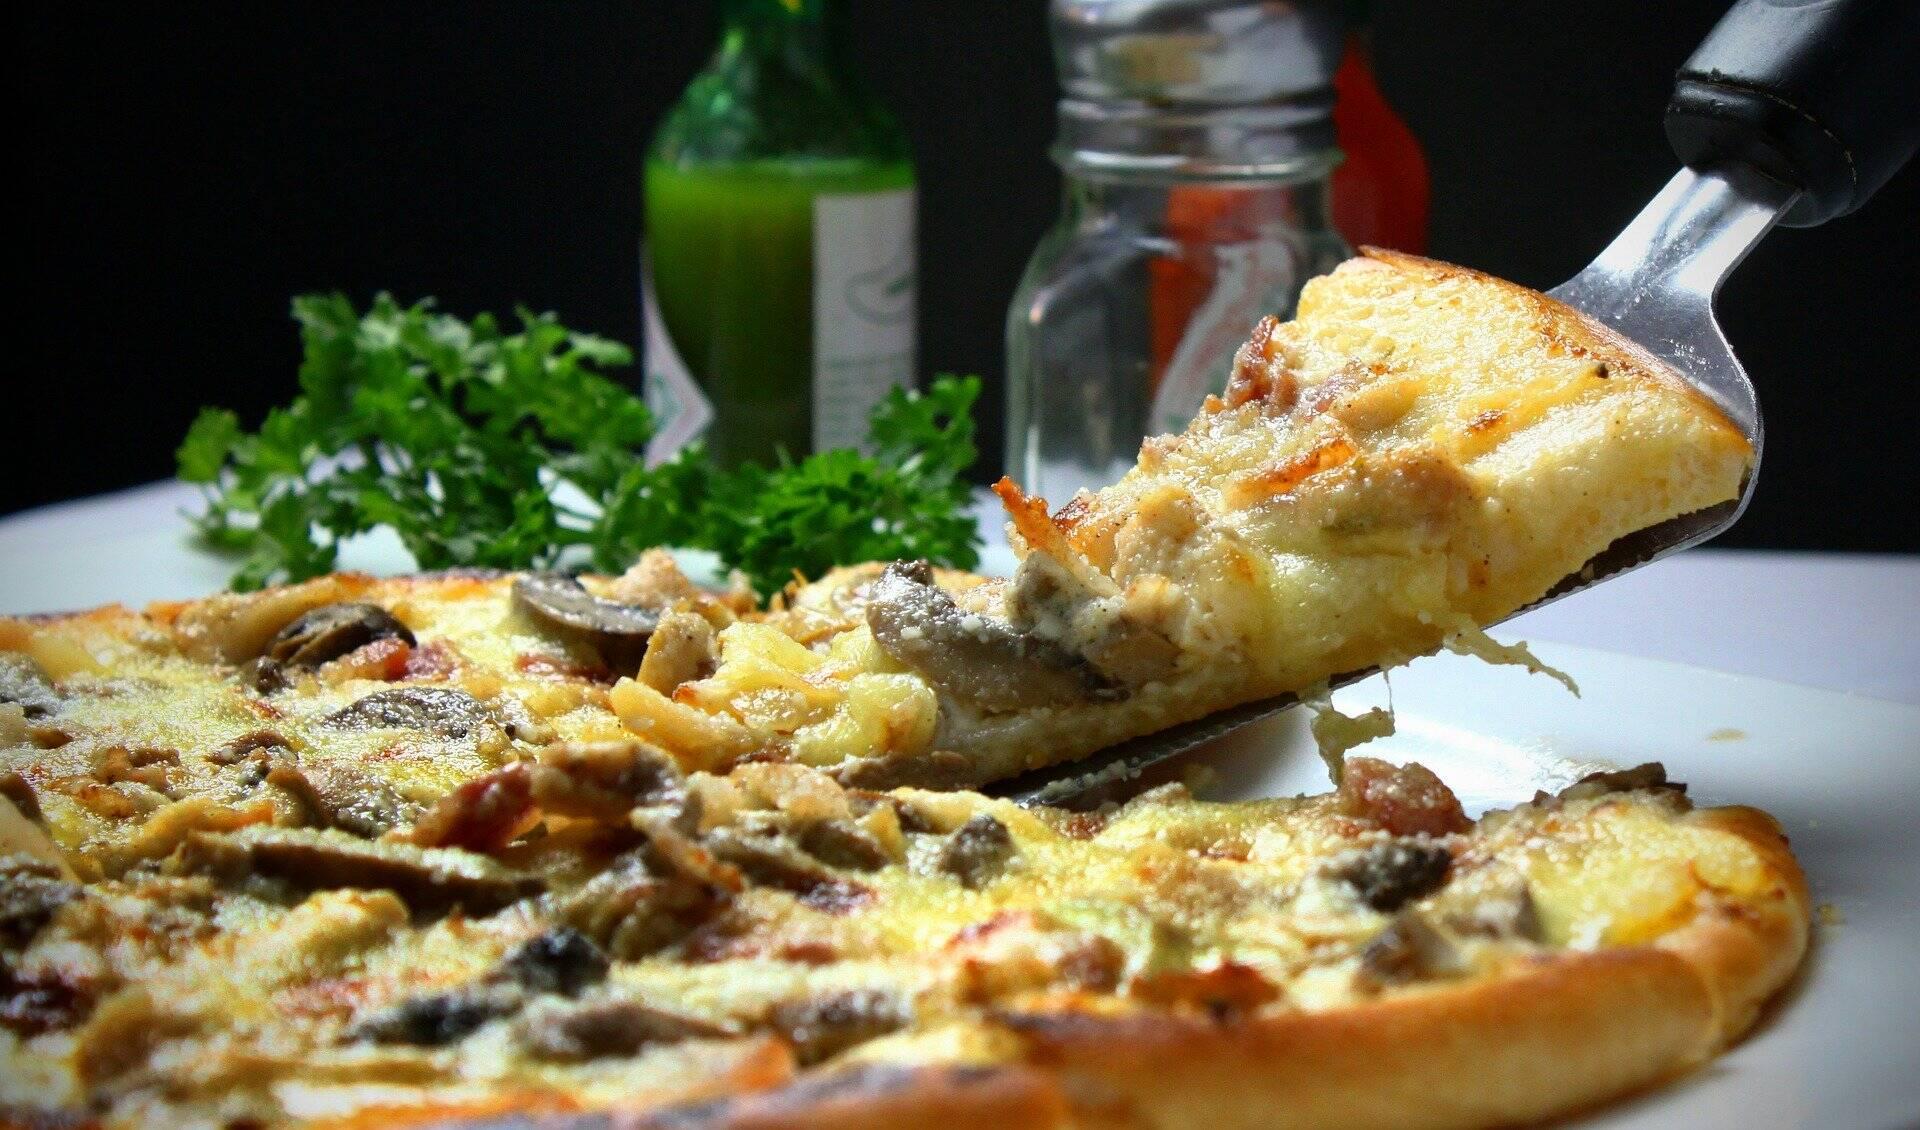 Ingredientes: (Para 1 pizza ) - Massa - 160 gramas de purê de abóbora / abóbora cozida (assada ou micro-ondas); 50 gramas de qualquer farinha de trigo integral; 30 gramas de aveia ou farelo; 1 ovo e Sal e pimenta. Para o recheio - Queijo cremoso / ou queijo com baixo teor de gordura e Molho de tomate caseiro de preferência. (Foto: Pexels)